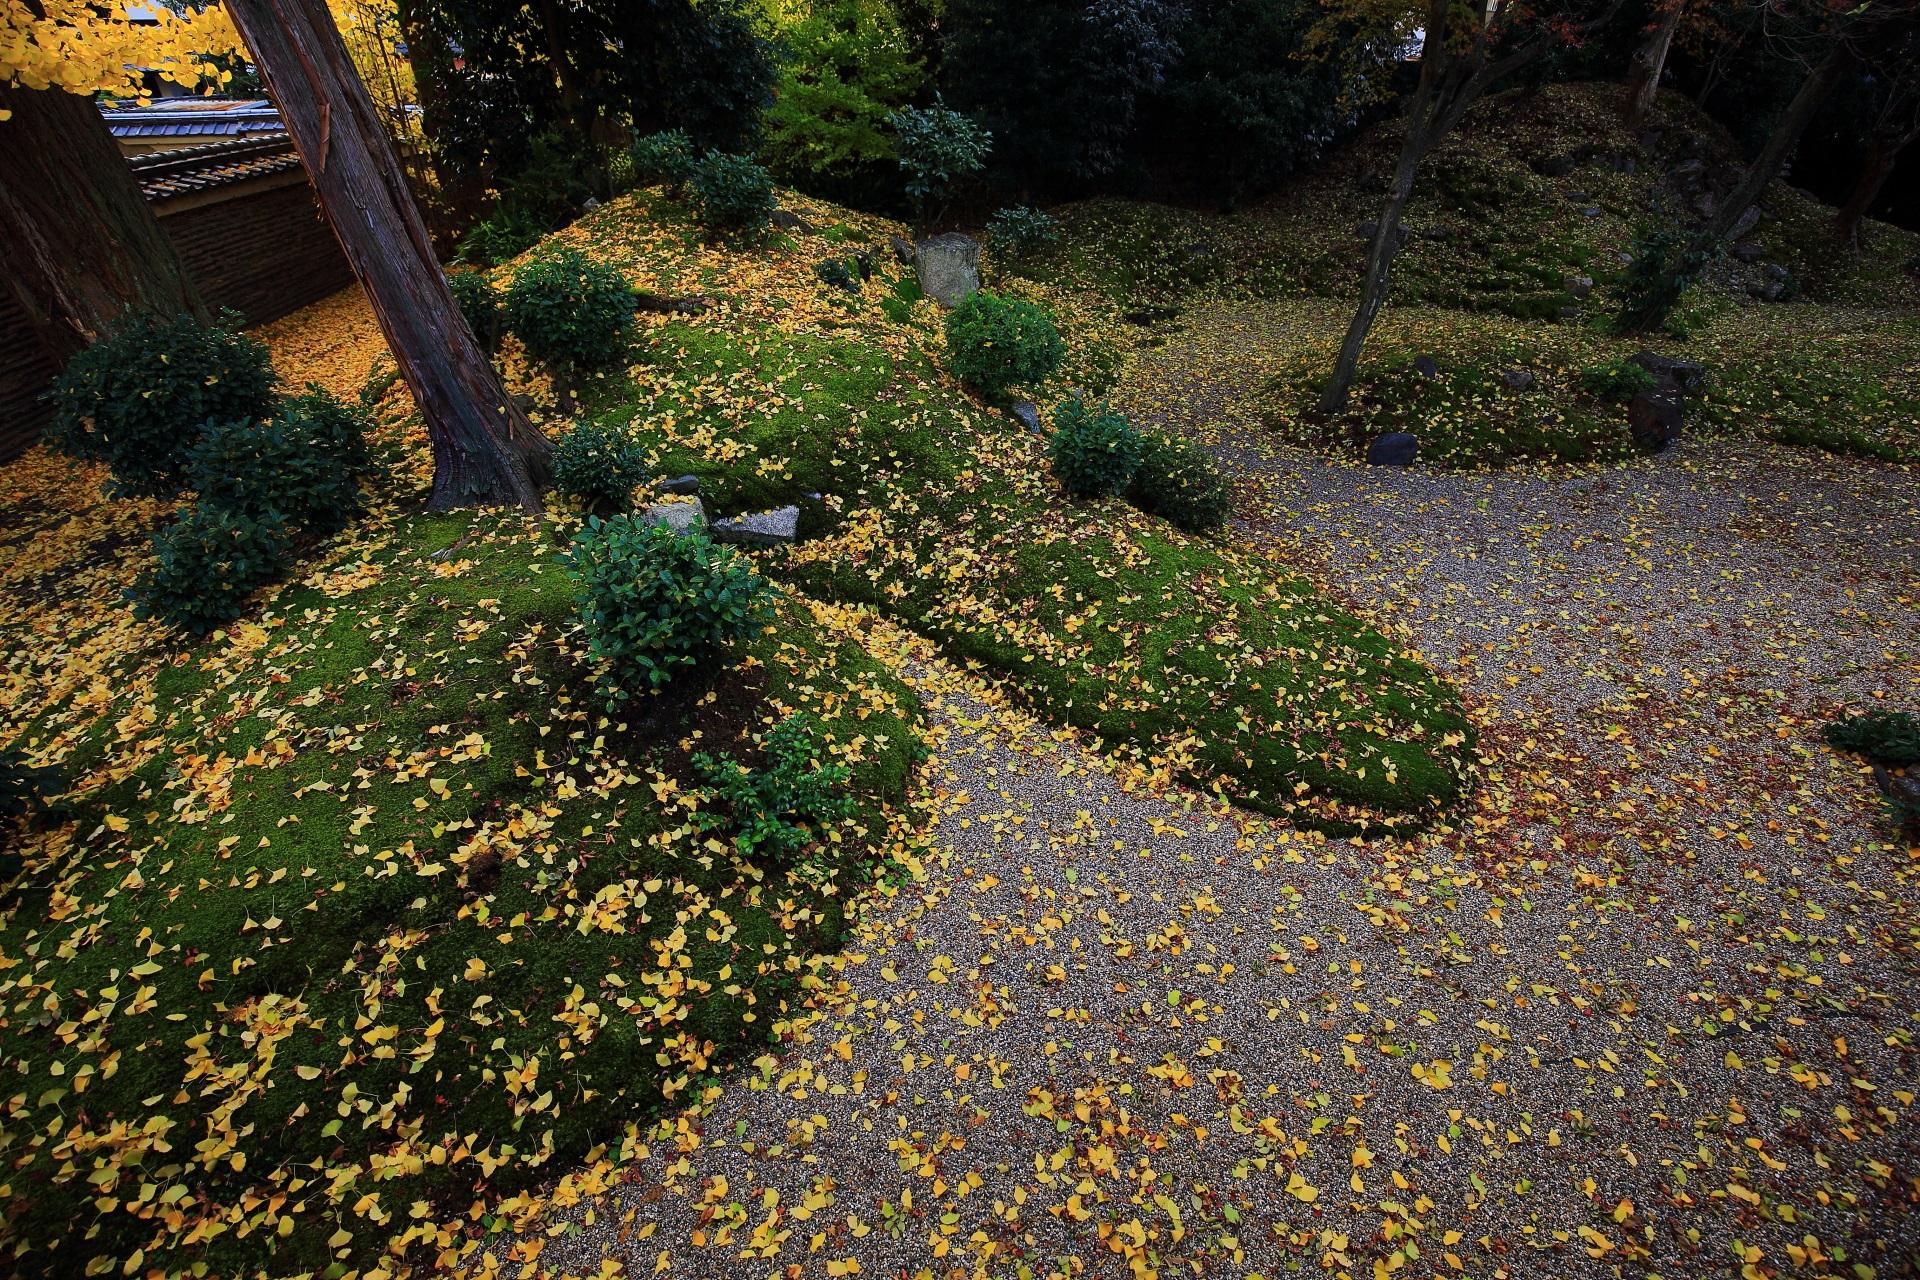 綺麗な緑の苔を染める豪快な散り銀杏